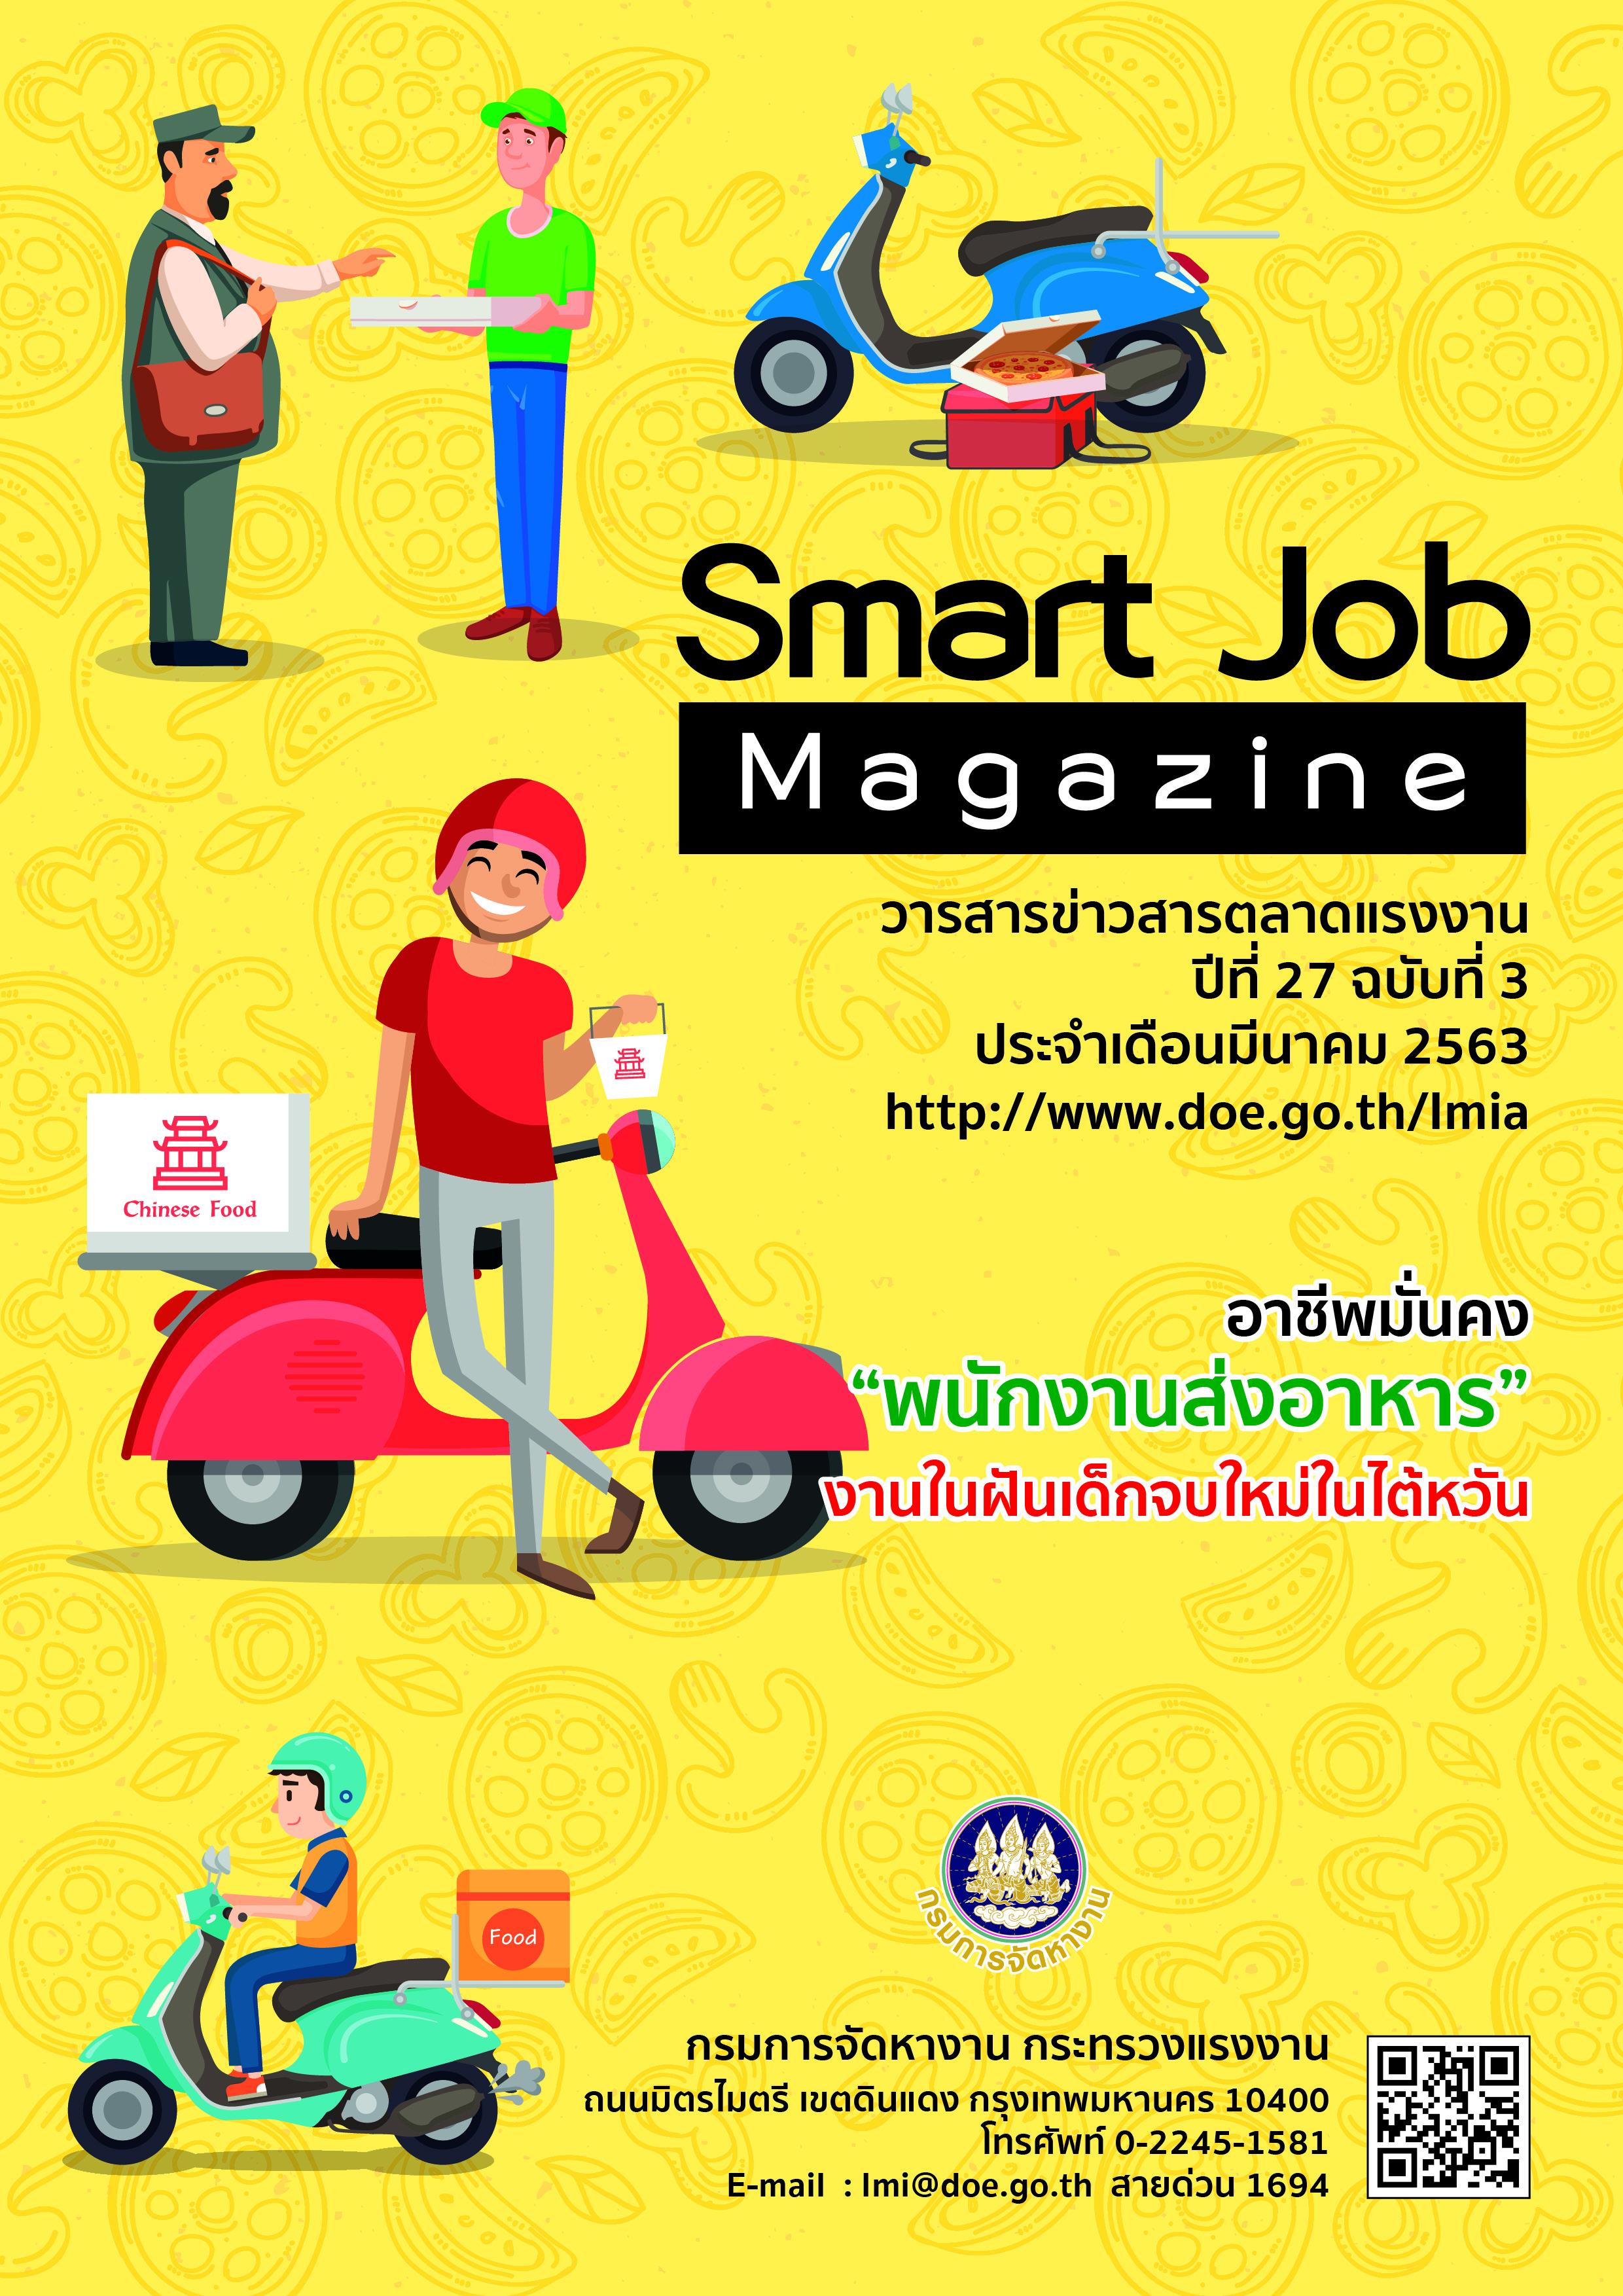 วารสารข่าวสารตลาดแรงงาน Smart Job Magazine ประจำเดือนมีนาคม 2563